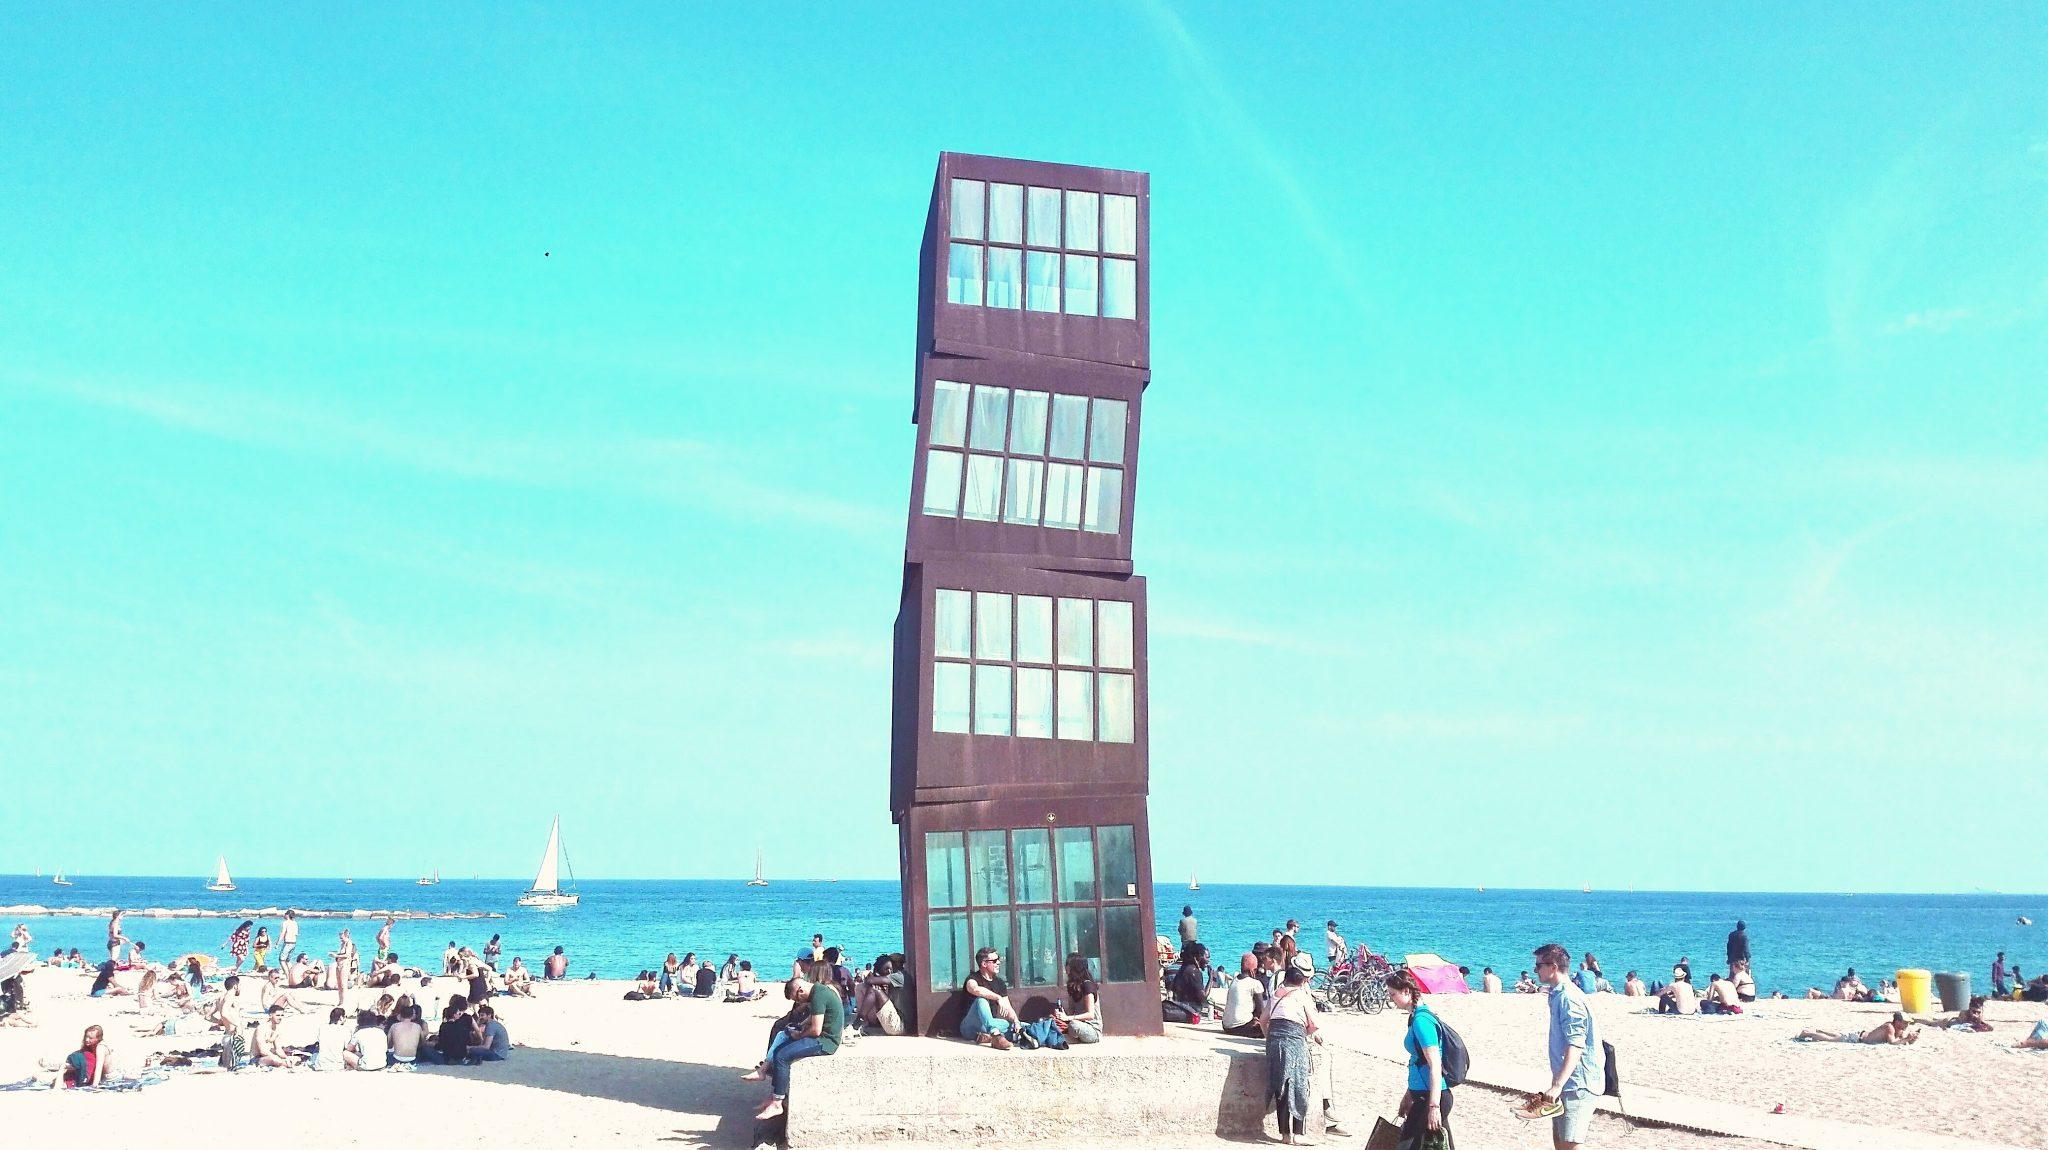 playa de barcelona en otoño